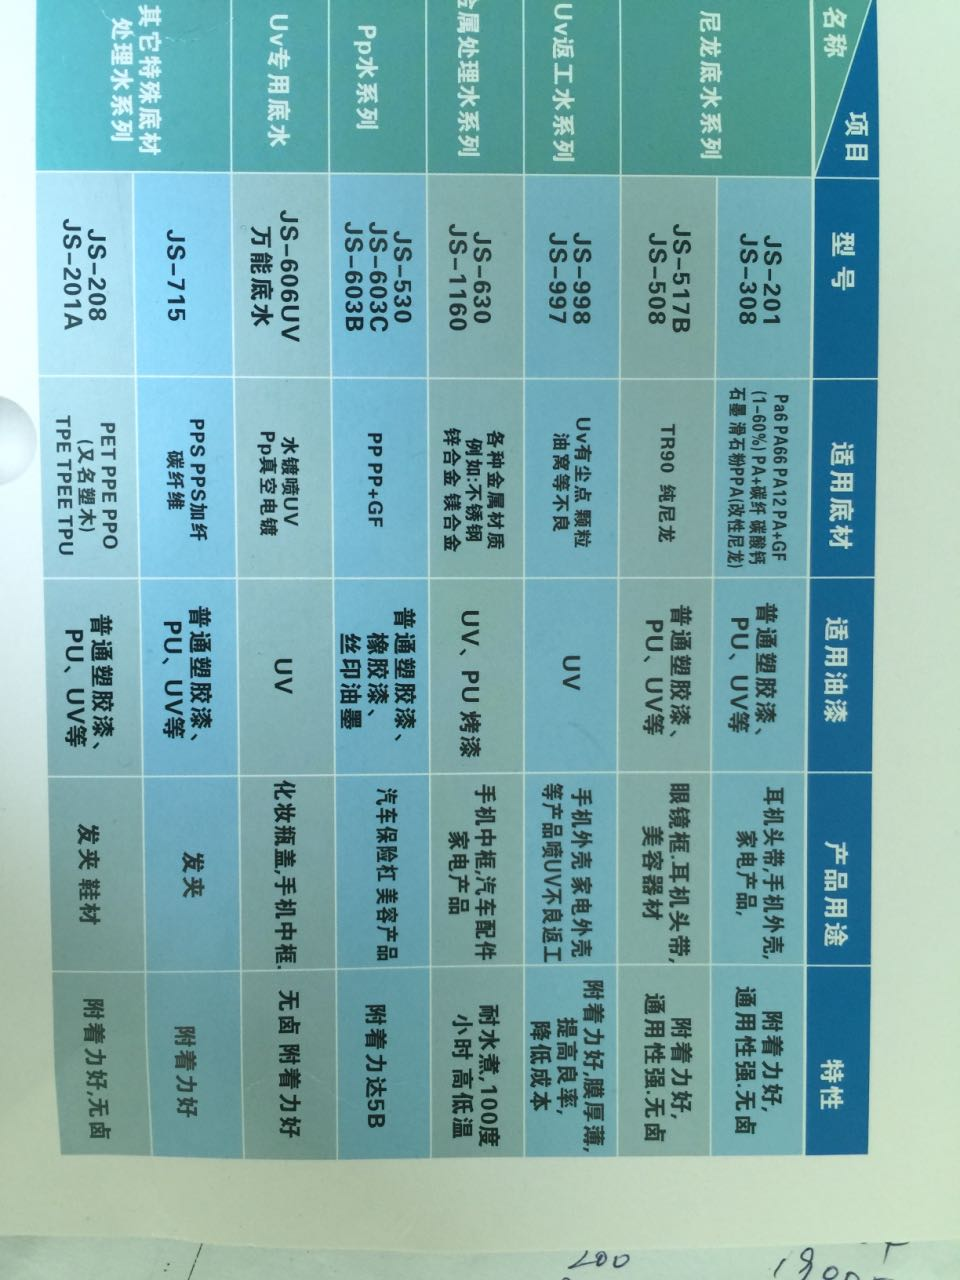 来自杨贵荣发布的供应信息:主营附着力处理剂:PP 尼龙 金属 ... - 东莞市炅盛塑胶科技有限公司